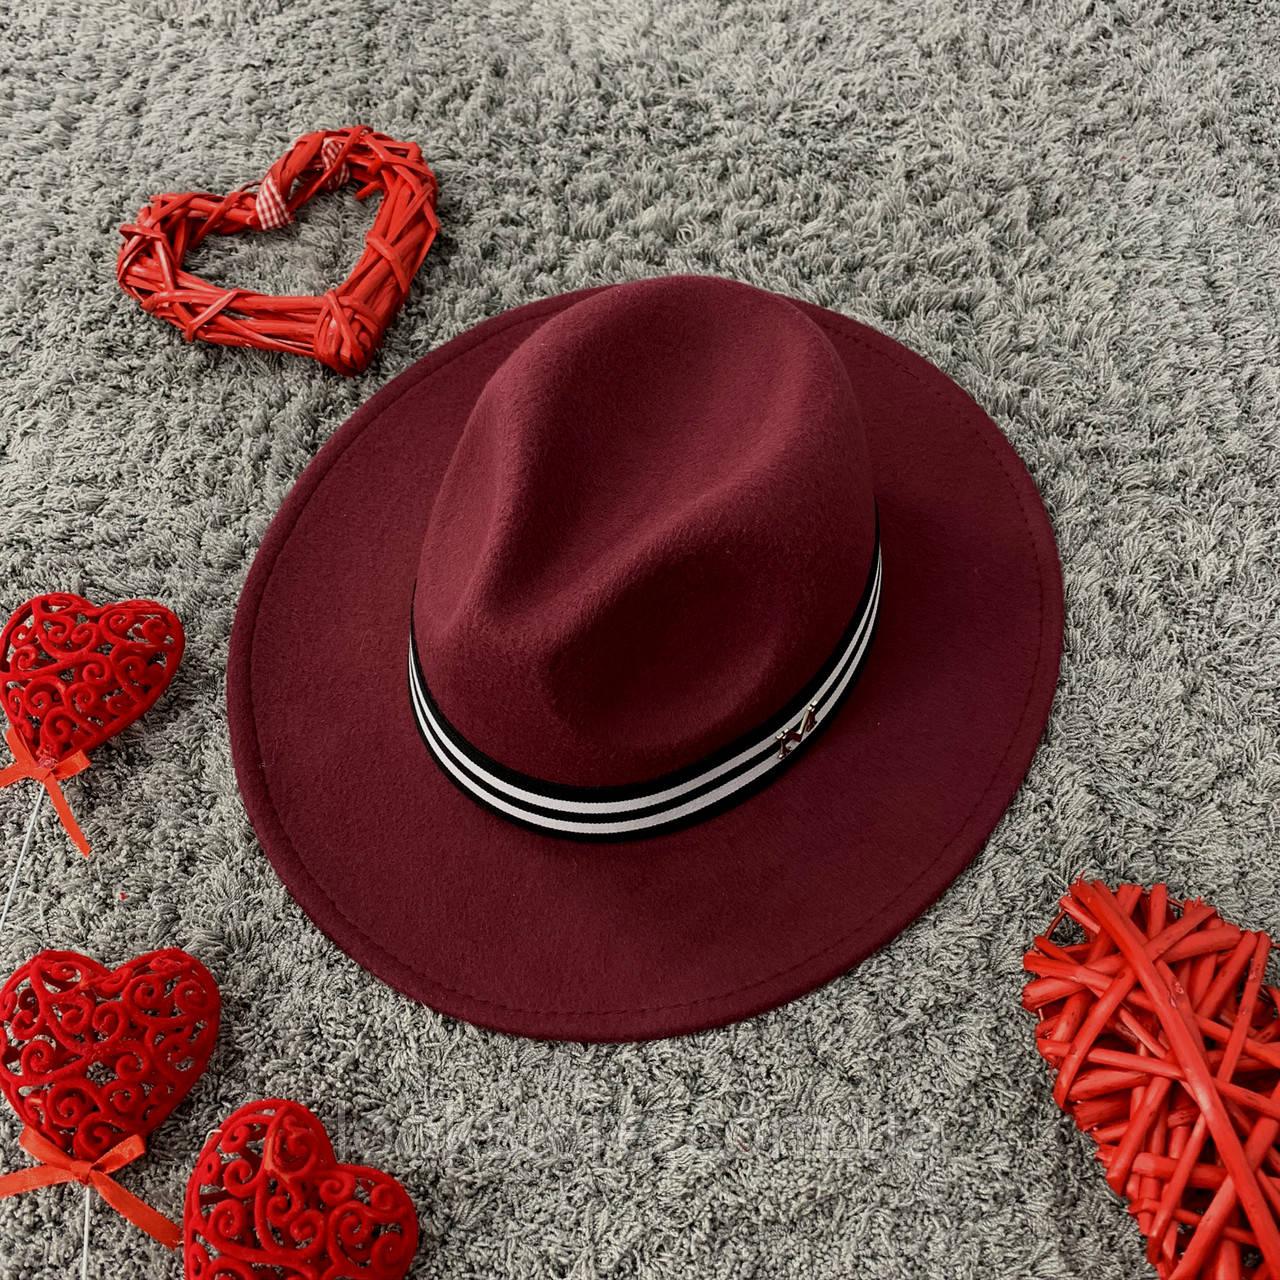 Шляпа Федора унисекс с лентой в полоску в стиле Maison Michel бордовая (марсала)